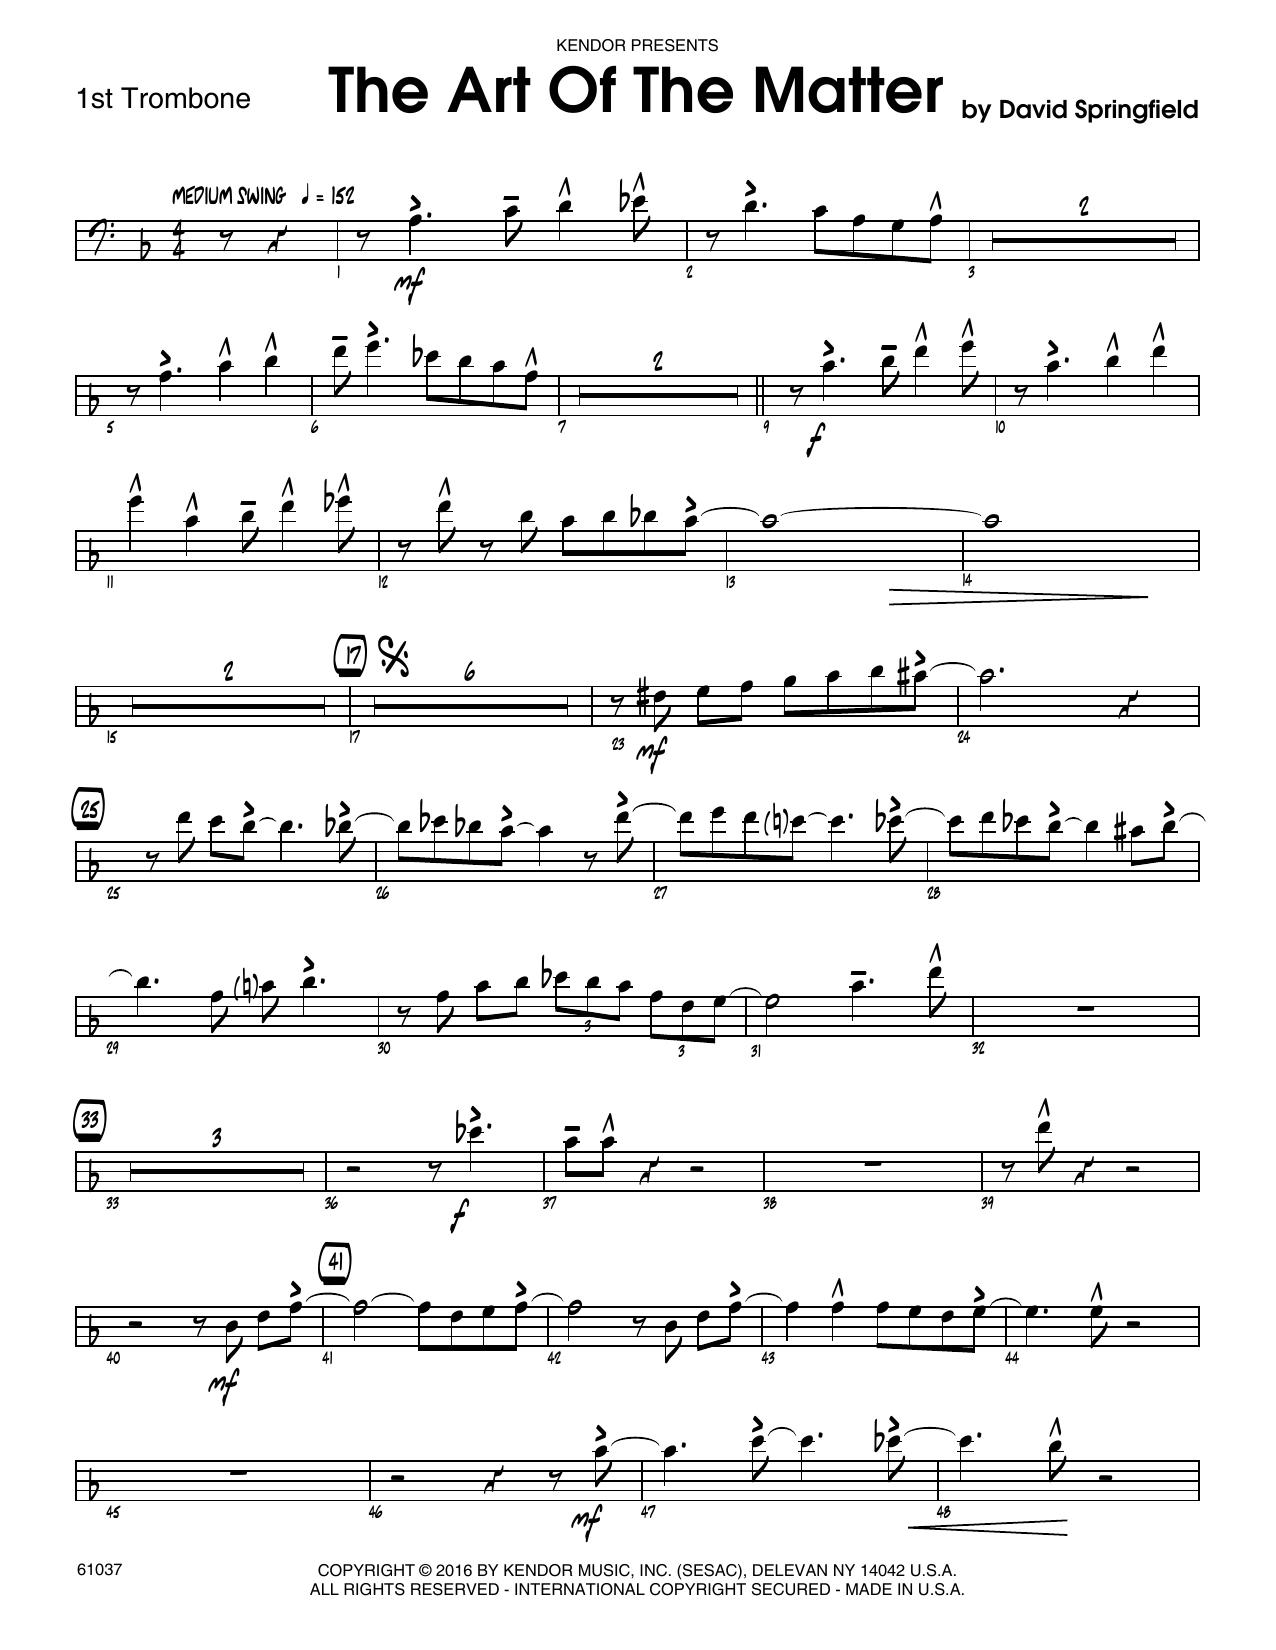 The Art Of The Matter - 1st Trombone Sheet Music